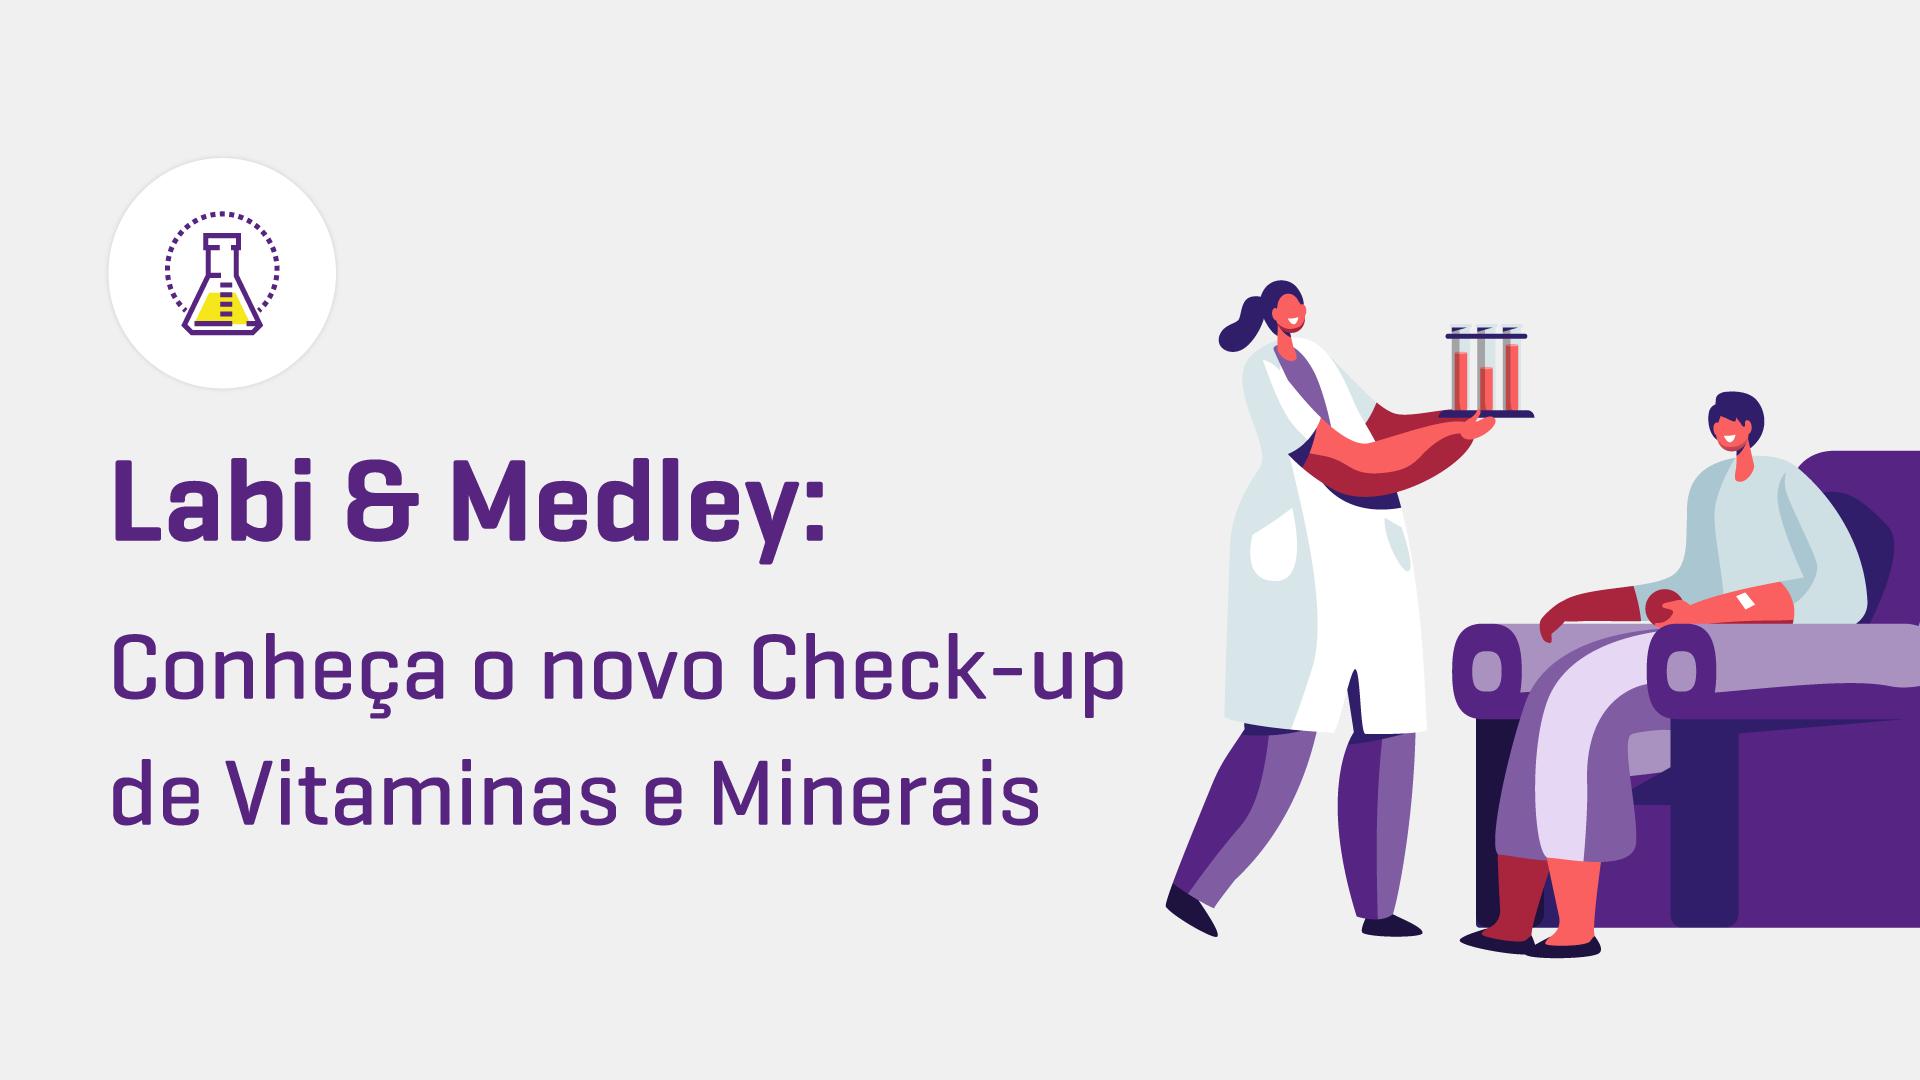 Labi & Medley: conheça o novo Check-up de Vitaminas e Minerais